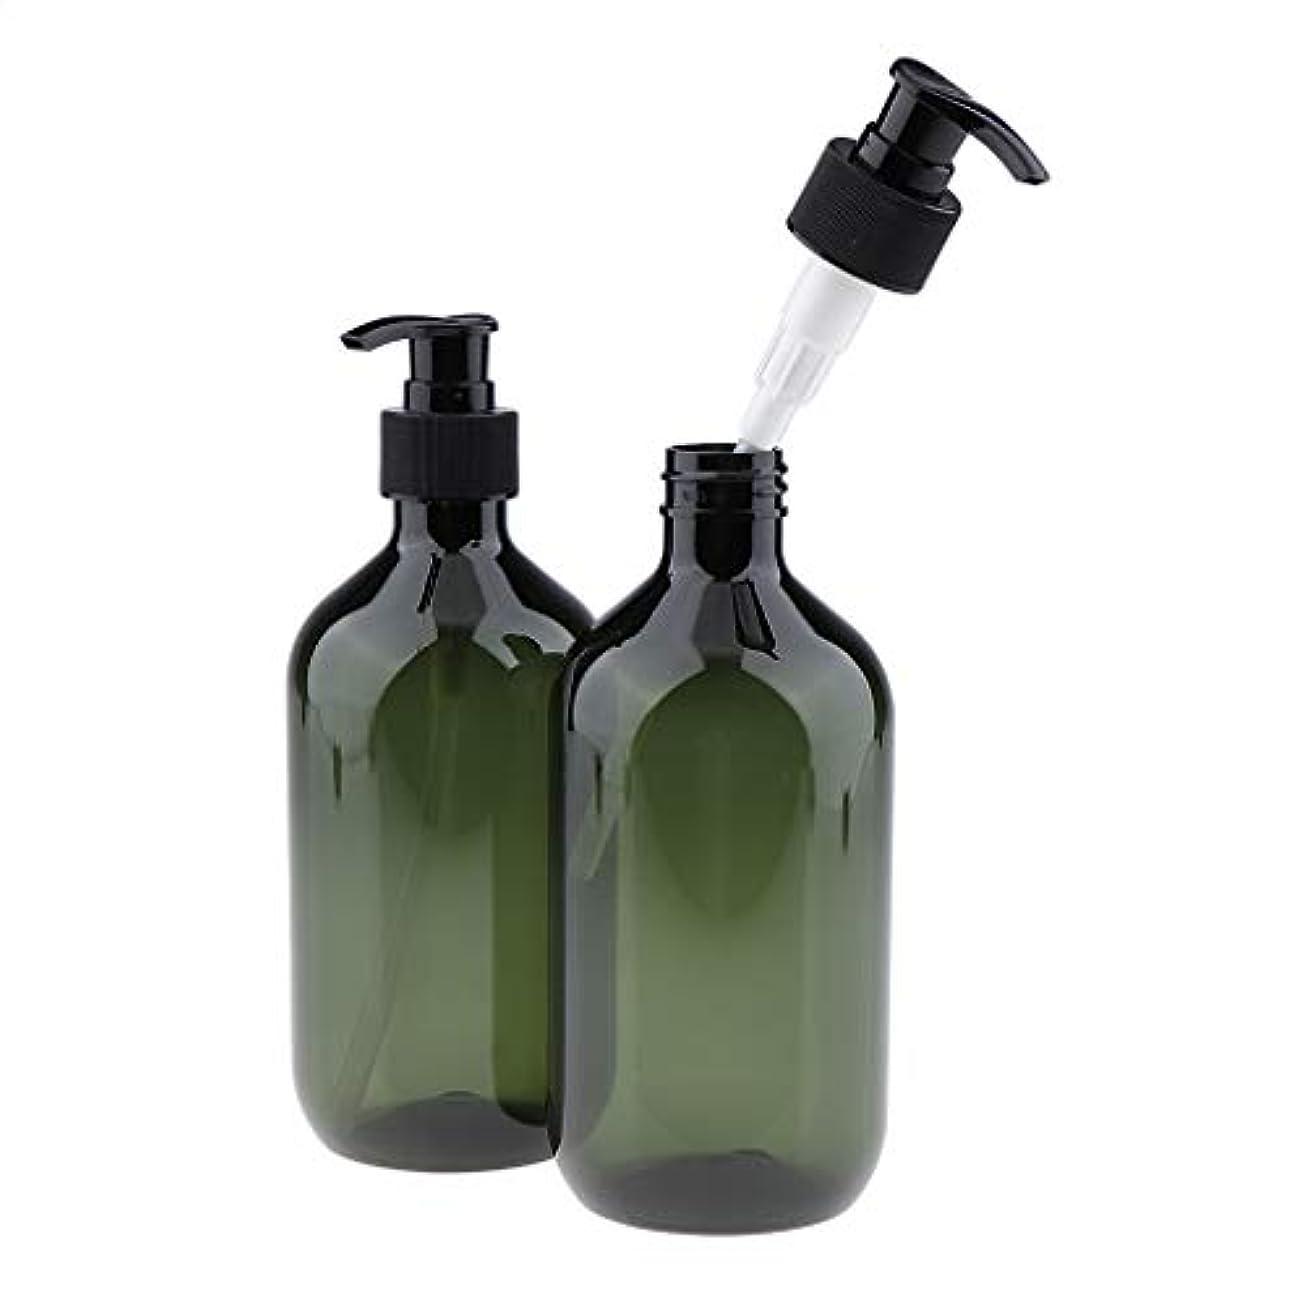 五月偽善平均液体石鹸、ローション、シャンプーとコンディショナー、エッセンシャルマッサージオイルのための2×16オンス500ミリリットル詰め替え式の空のポンプボトル/化粧品メイクアップディスペンサー - 緑